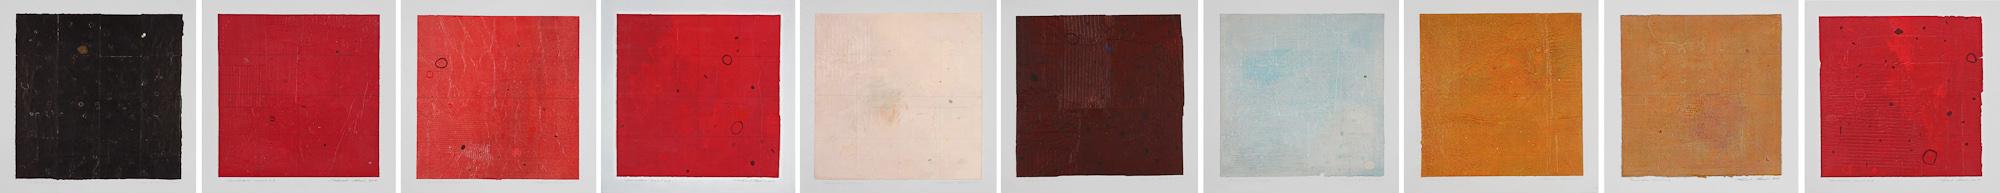 Dermographies, no 1 à 10, 2004. Acrylique sur papier fort, 43 x 430 cm.